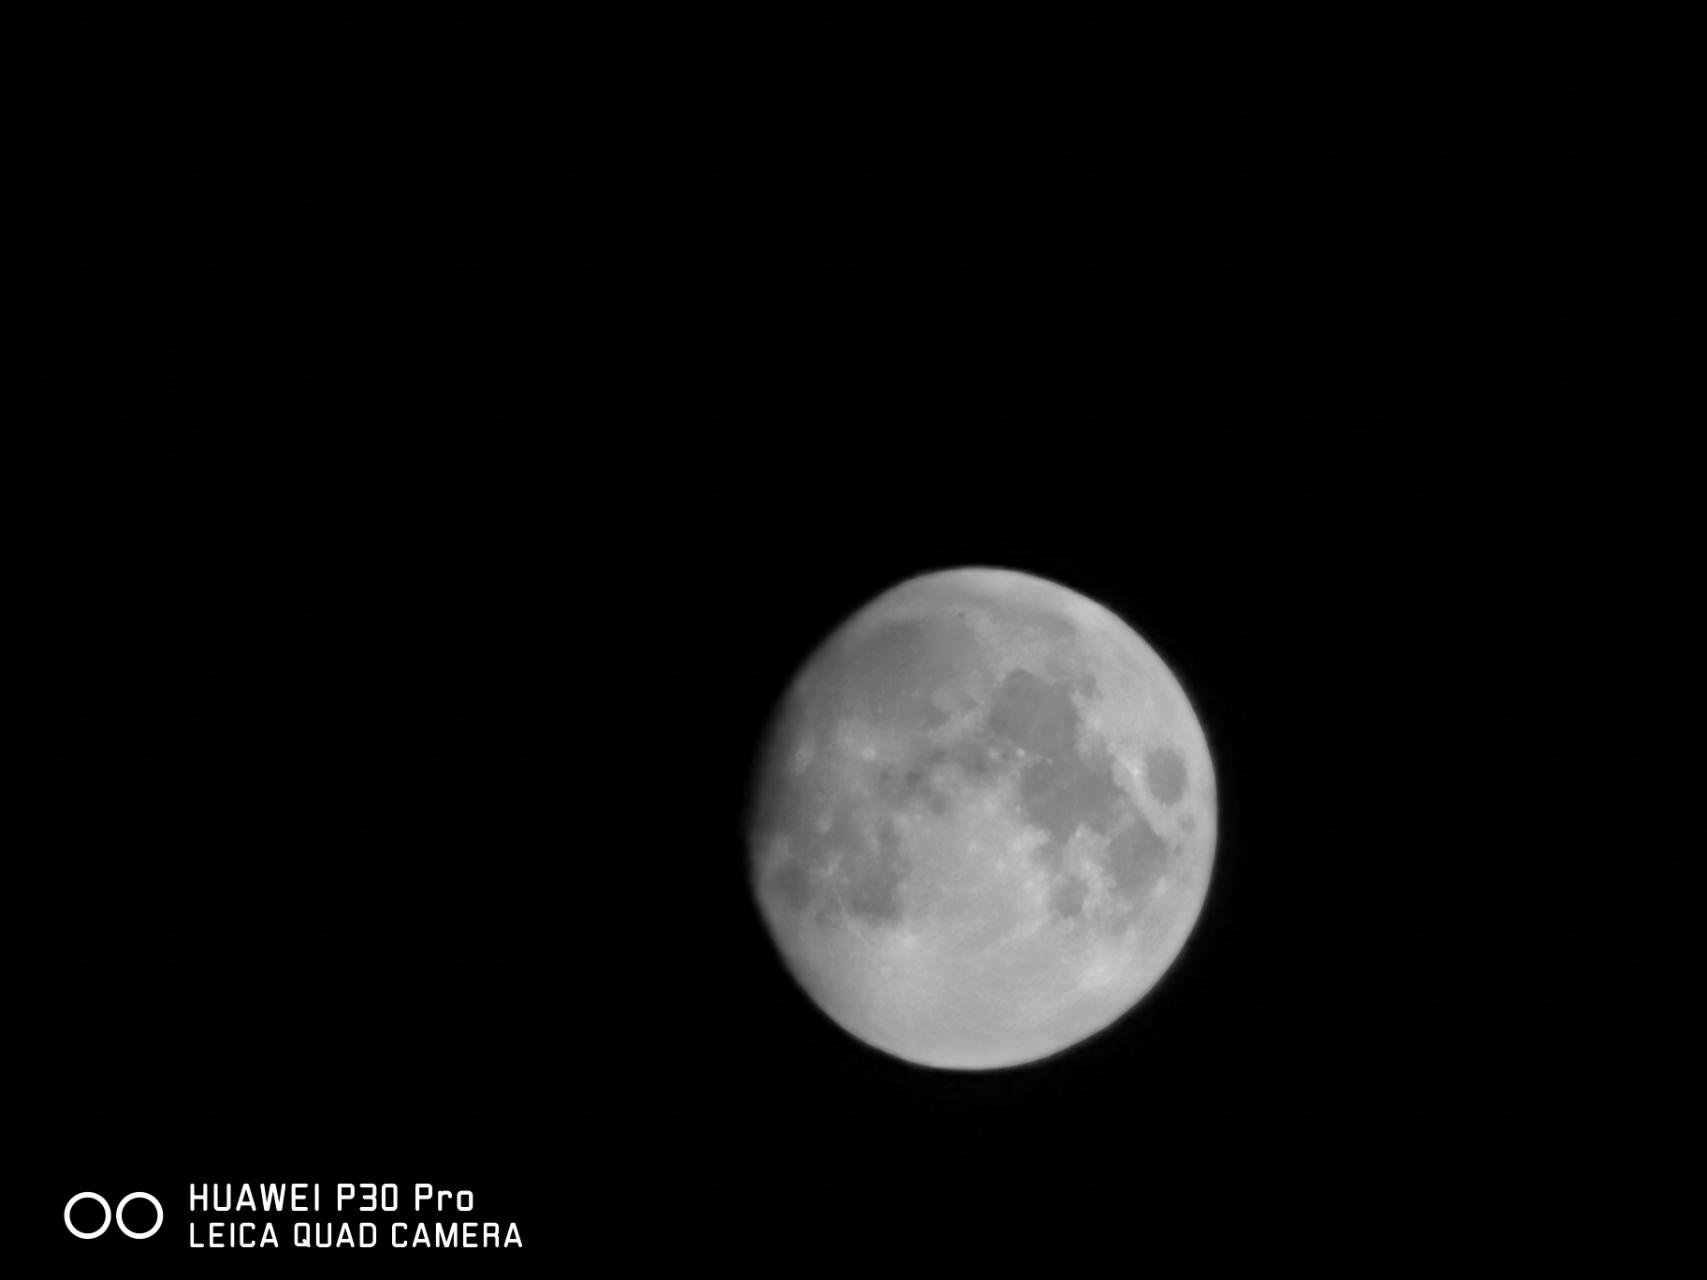 华为拍月亮方法已申请专利:拍高清月亮就看它了的照片 - 7